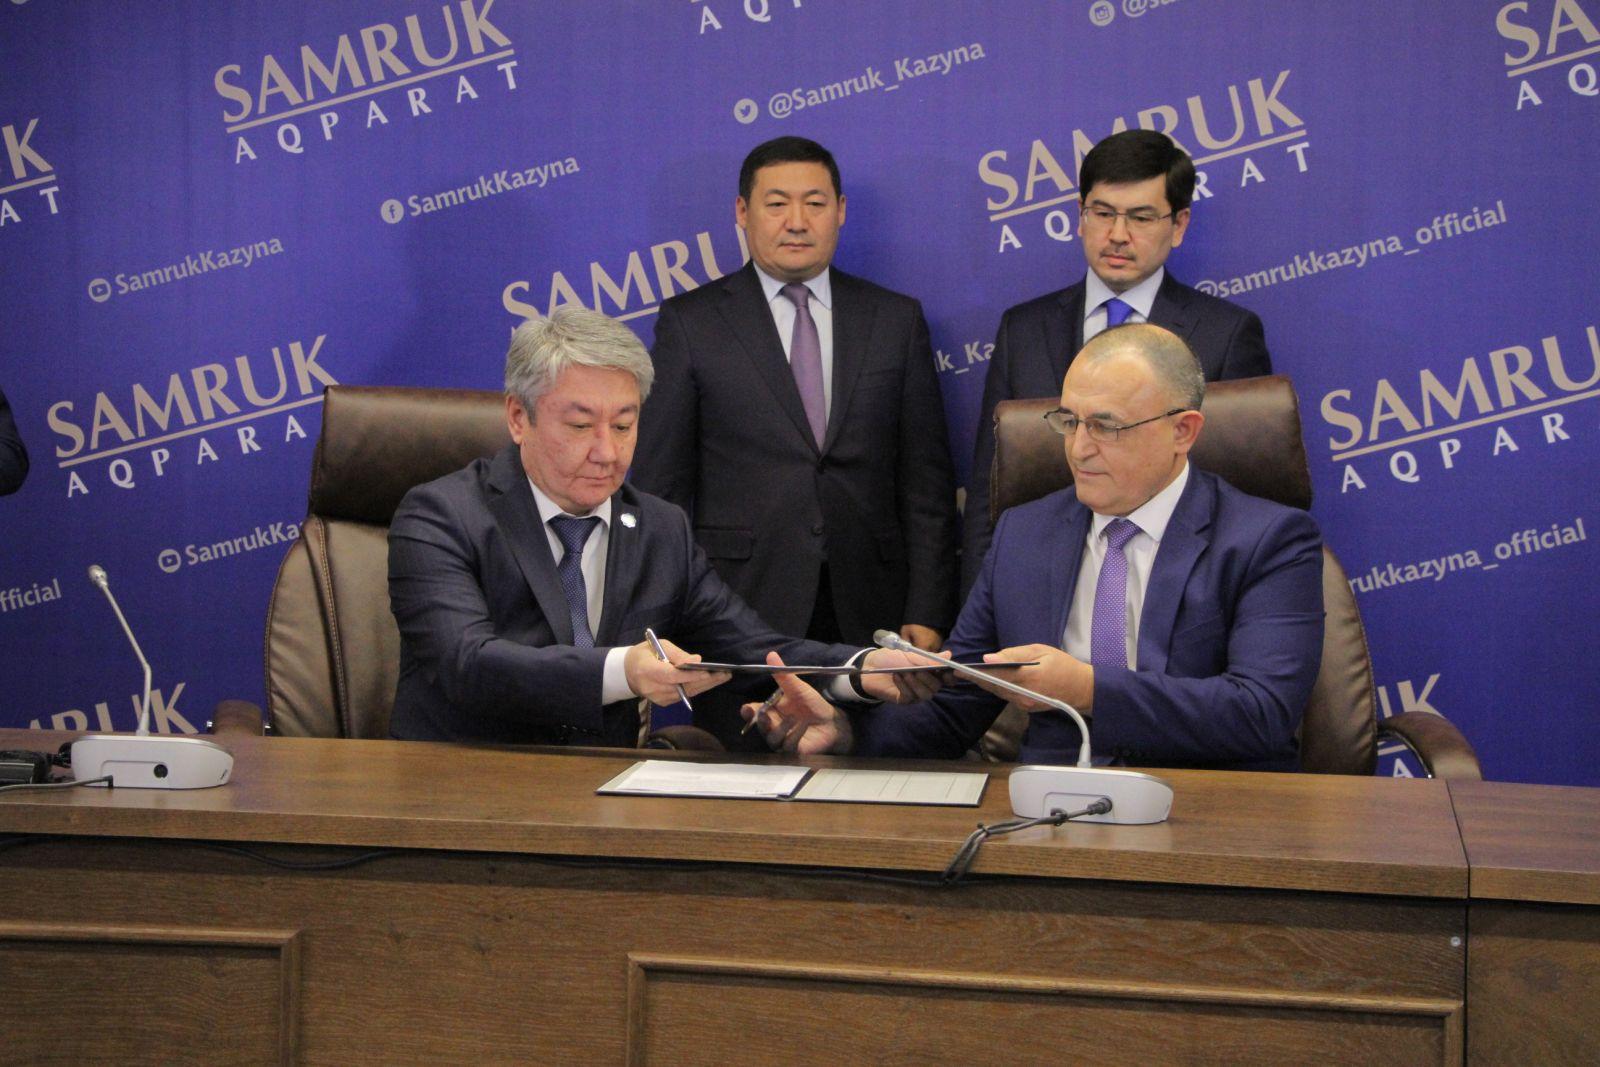 Подписаны офф-тейк контракты между НПП РК «Атамекен» и АО «ФНБ «Самрук-Казына»